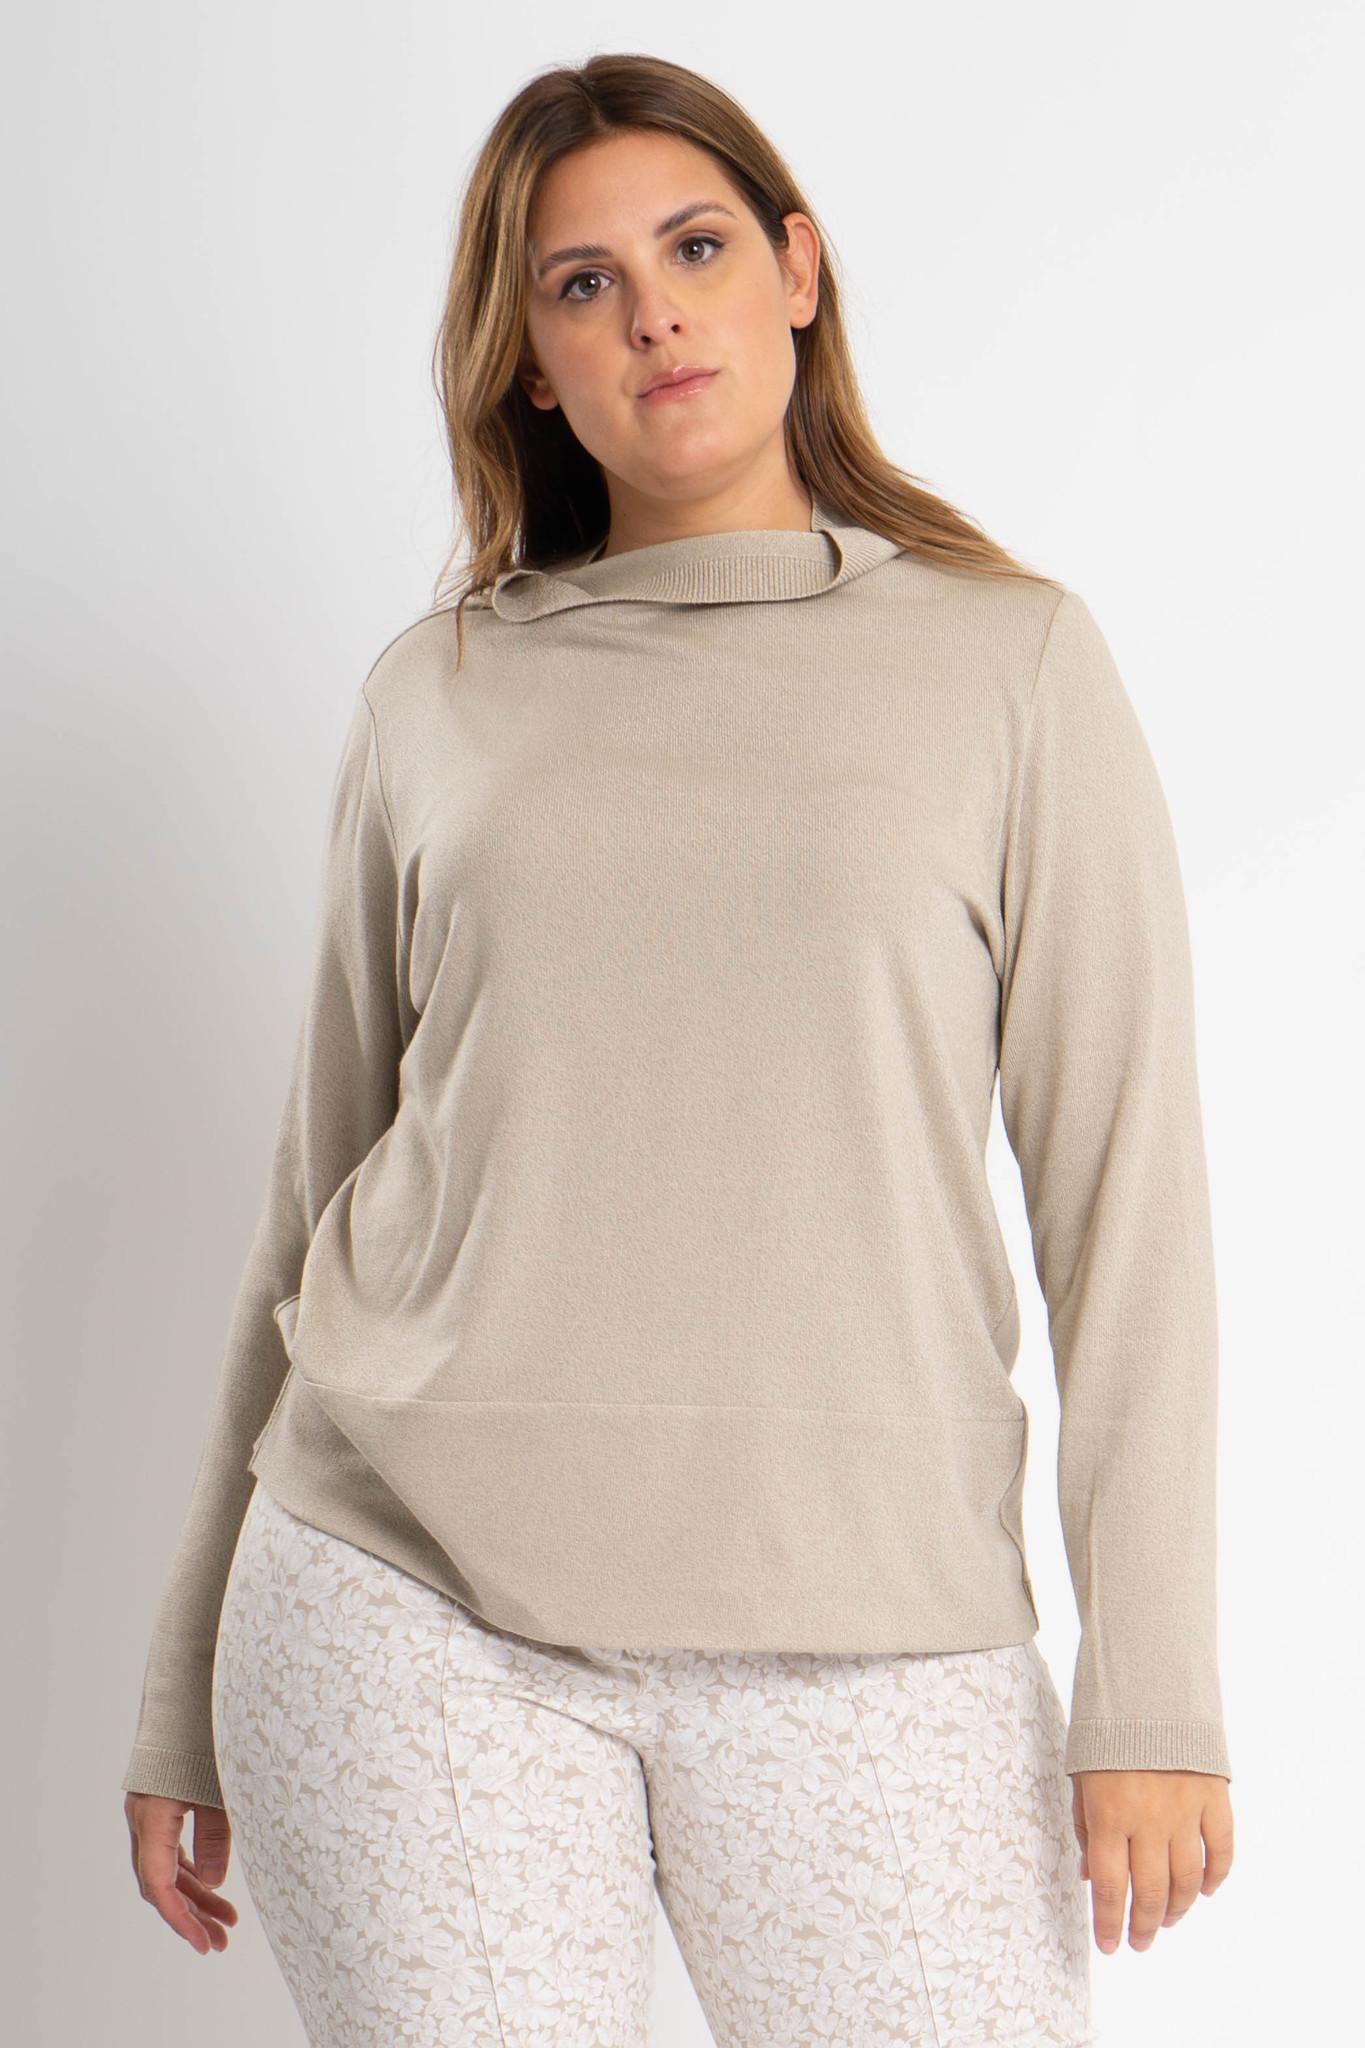 CLEO Sweatshirt in Viscose-1